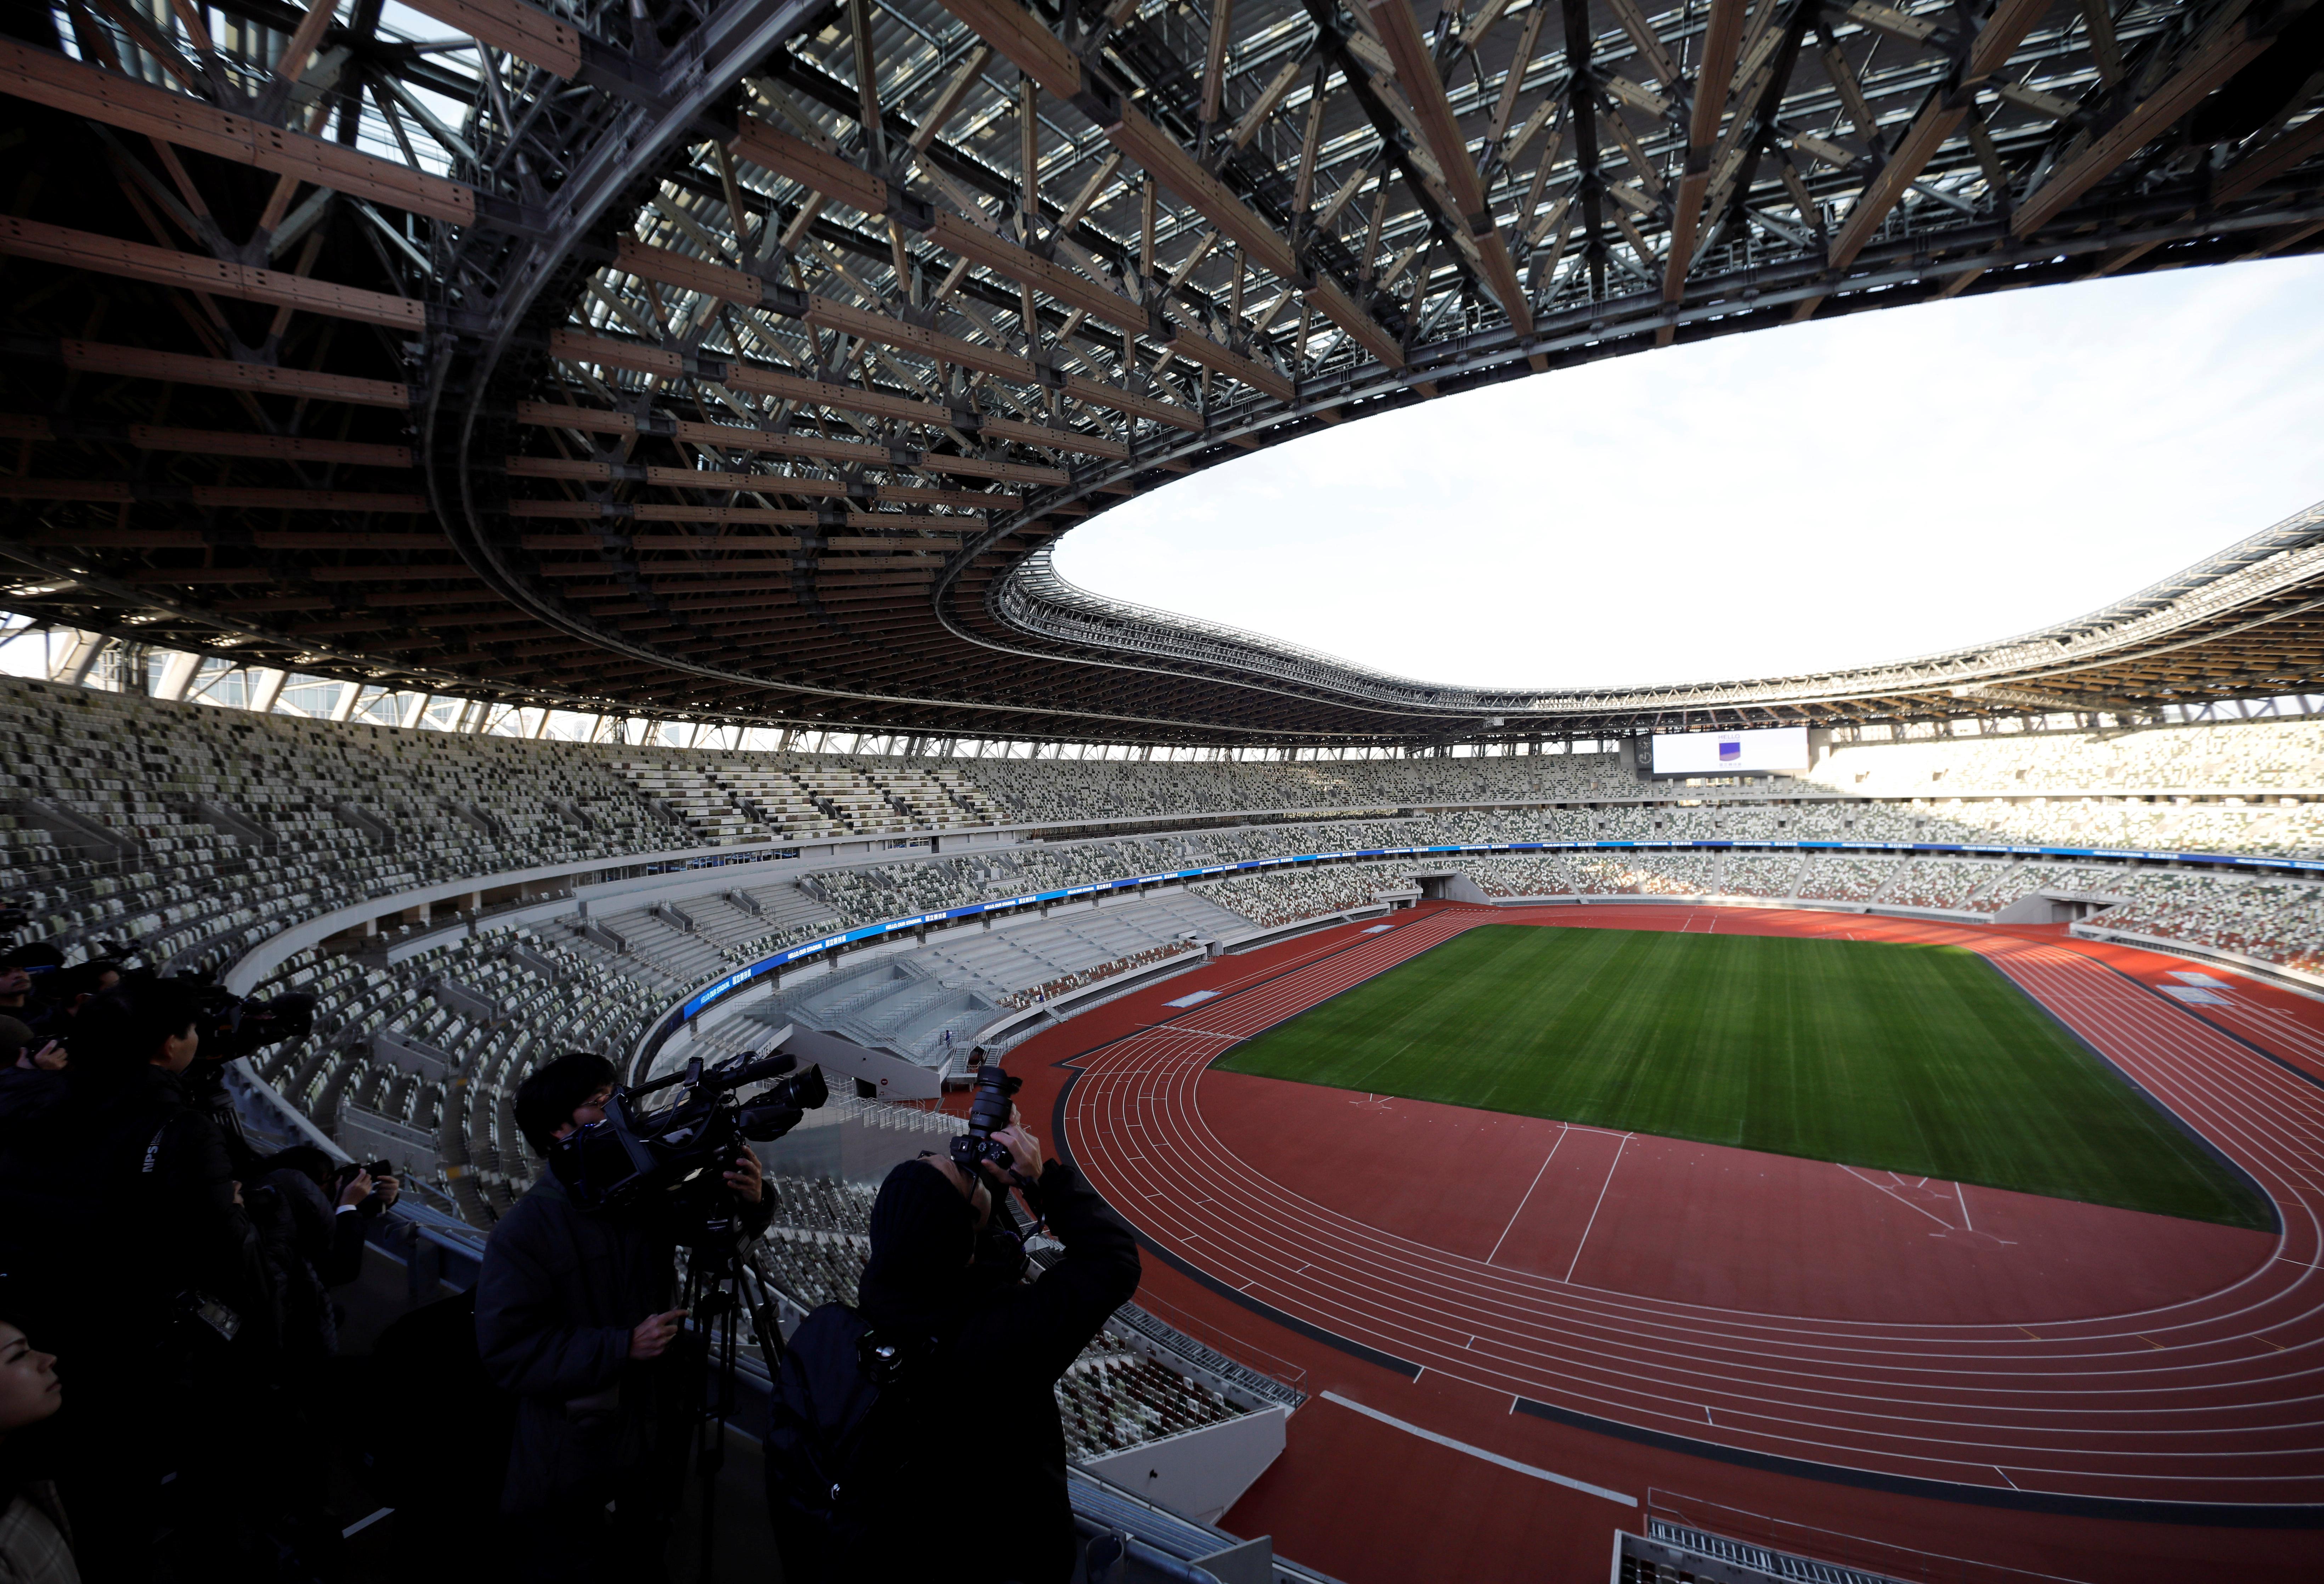 El ya retirado rey de la velocidad Usain Bolt será uno de los primeros en tener el honor de pisar la pista en el estadio olímpico el 21 de diciembre, en una exhibición de relevos que será la primera prueba deportiva organizada en el recinto